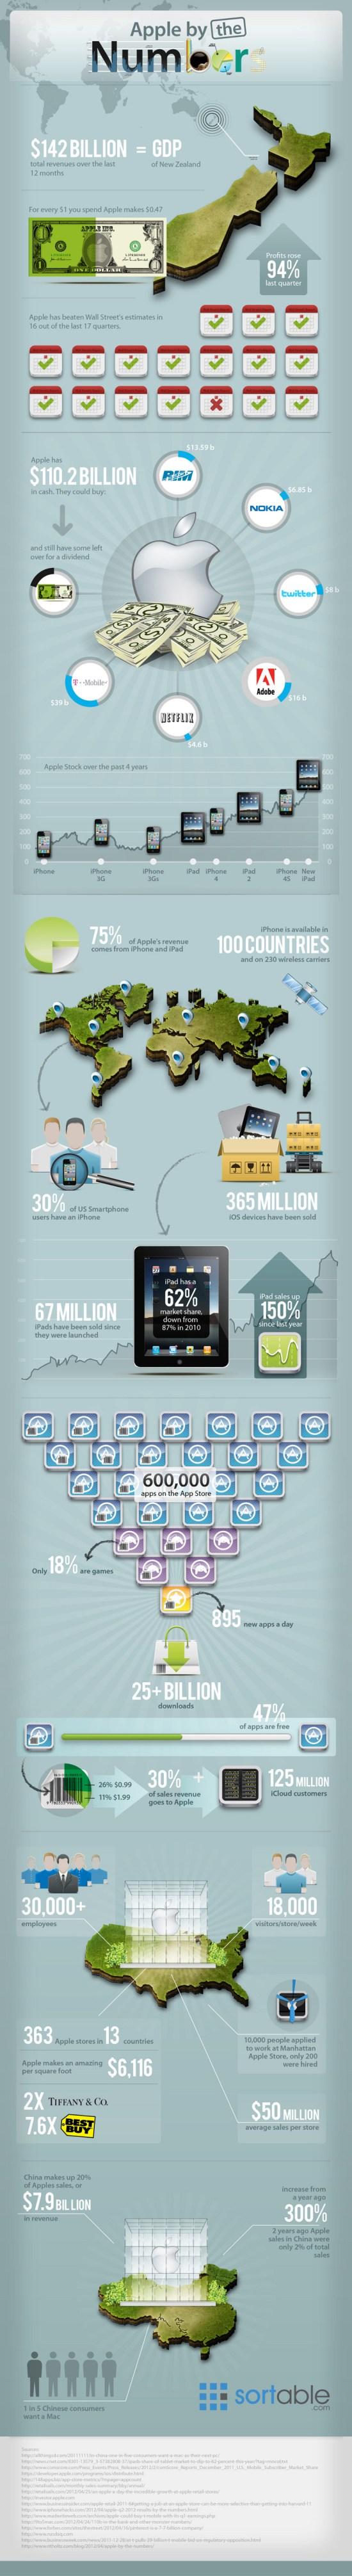 Les impressionnantes statistiques d'Apple  infographie]